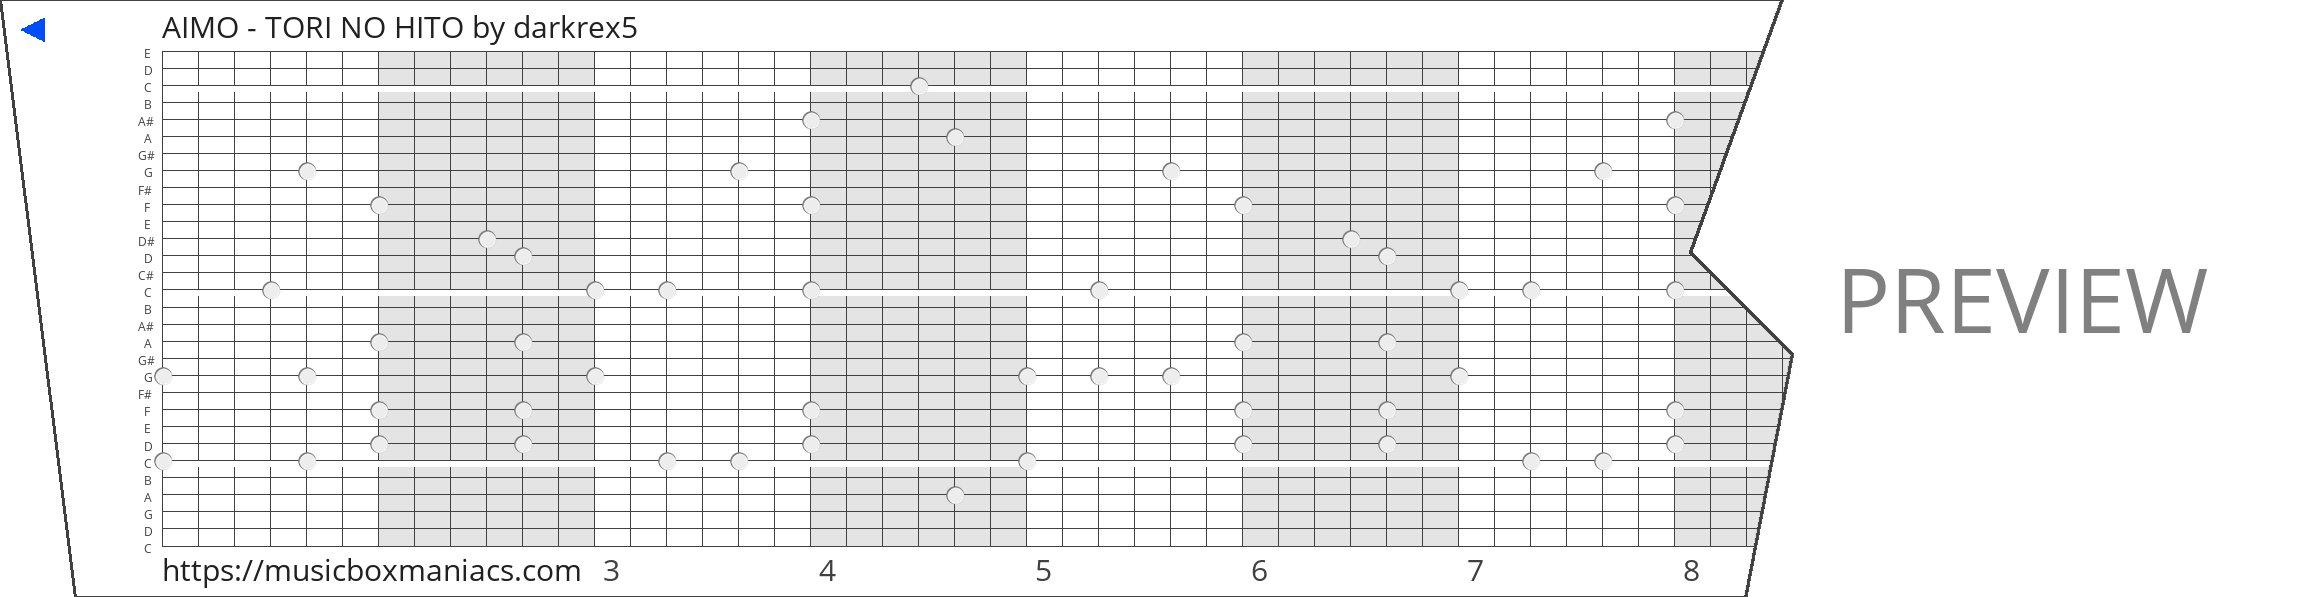 AIMO - TORI NO HITO 30 note music box paper strip